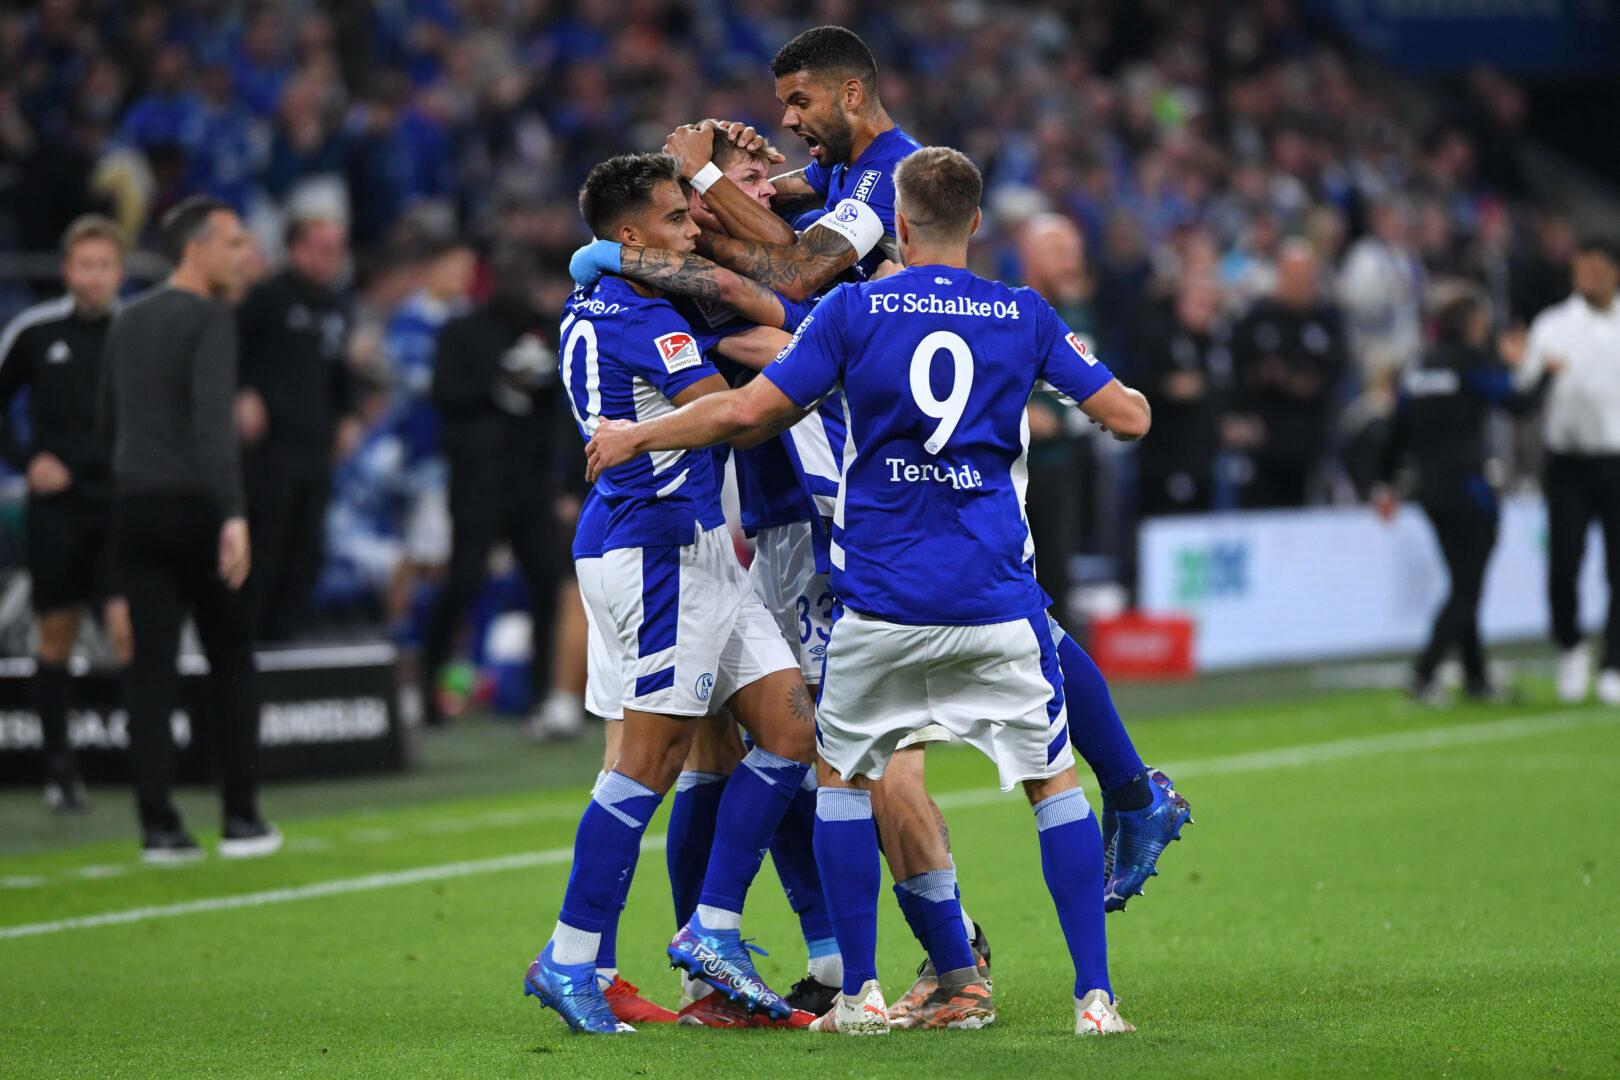 Der FC Schalke 04 hatte im Heimspiel gegen Fortuna Düsseldorf Grund zum Jubeln.